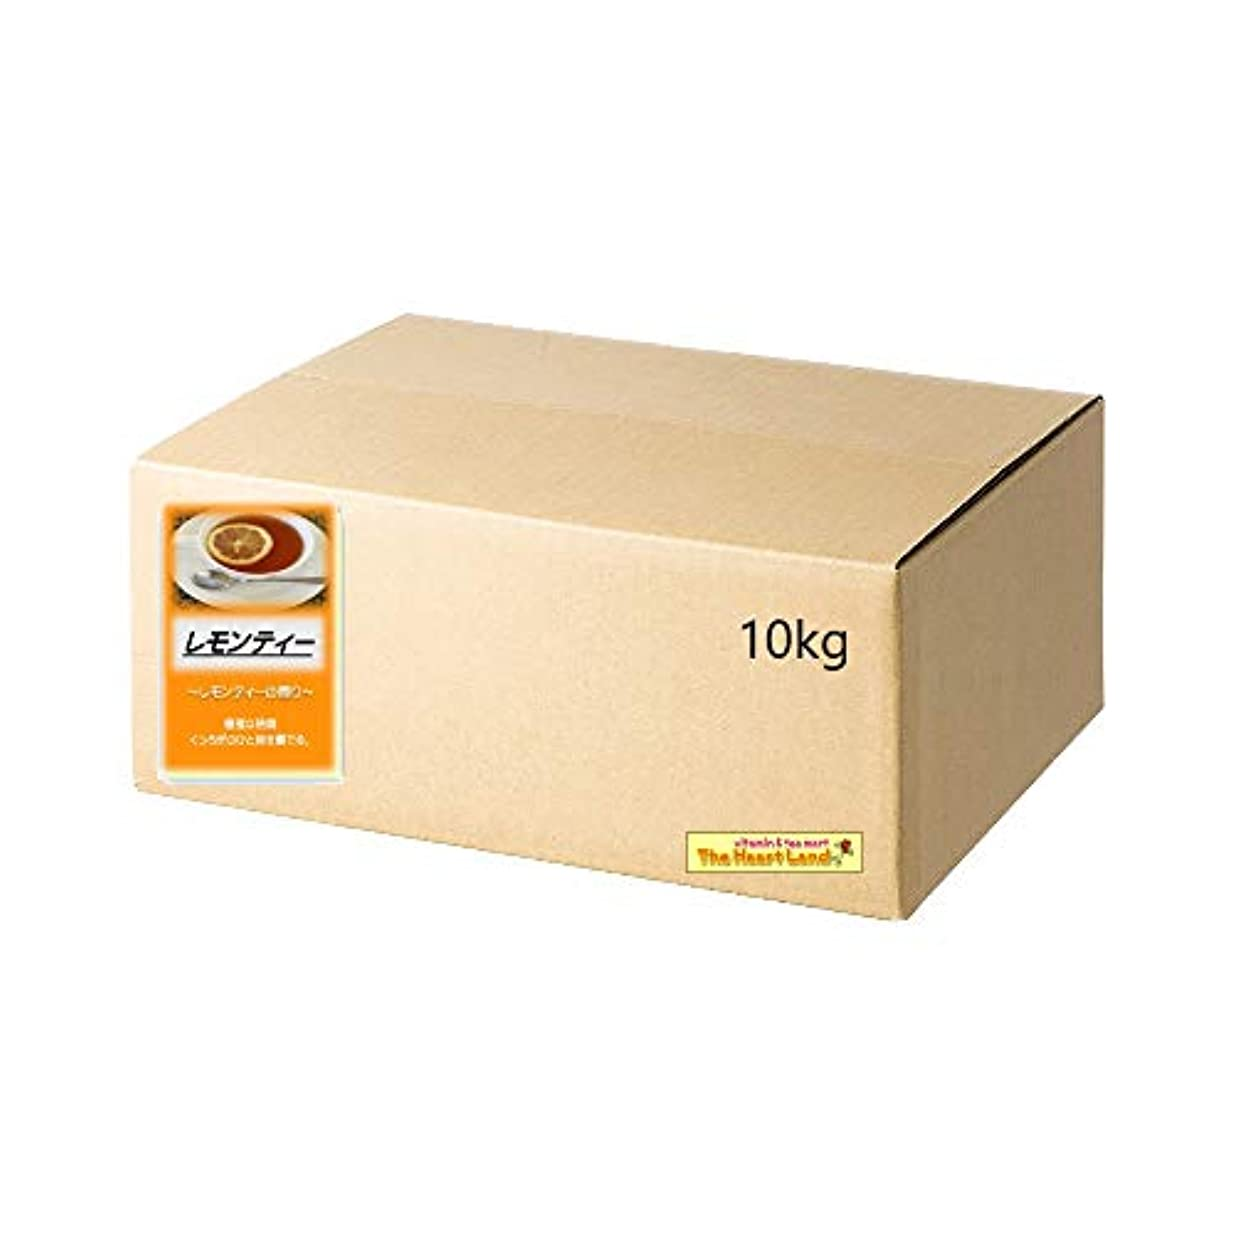 ケーキキャビンライトニングアサヒ入浴剤 浴用入浴化粧品 レモンティー 10kg